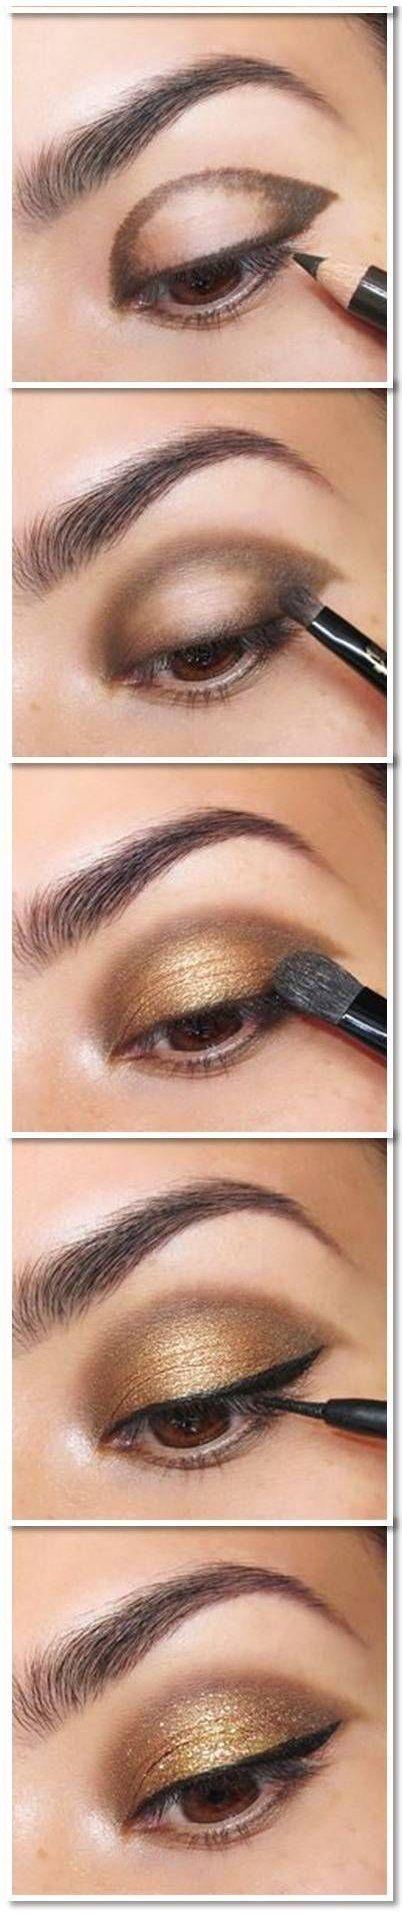 simple maquillage tutoriel dor des yeux - Tuto Maquillage Mariage